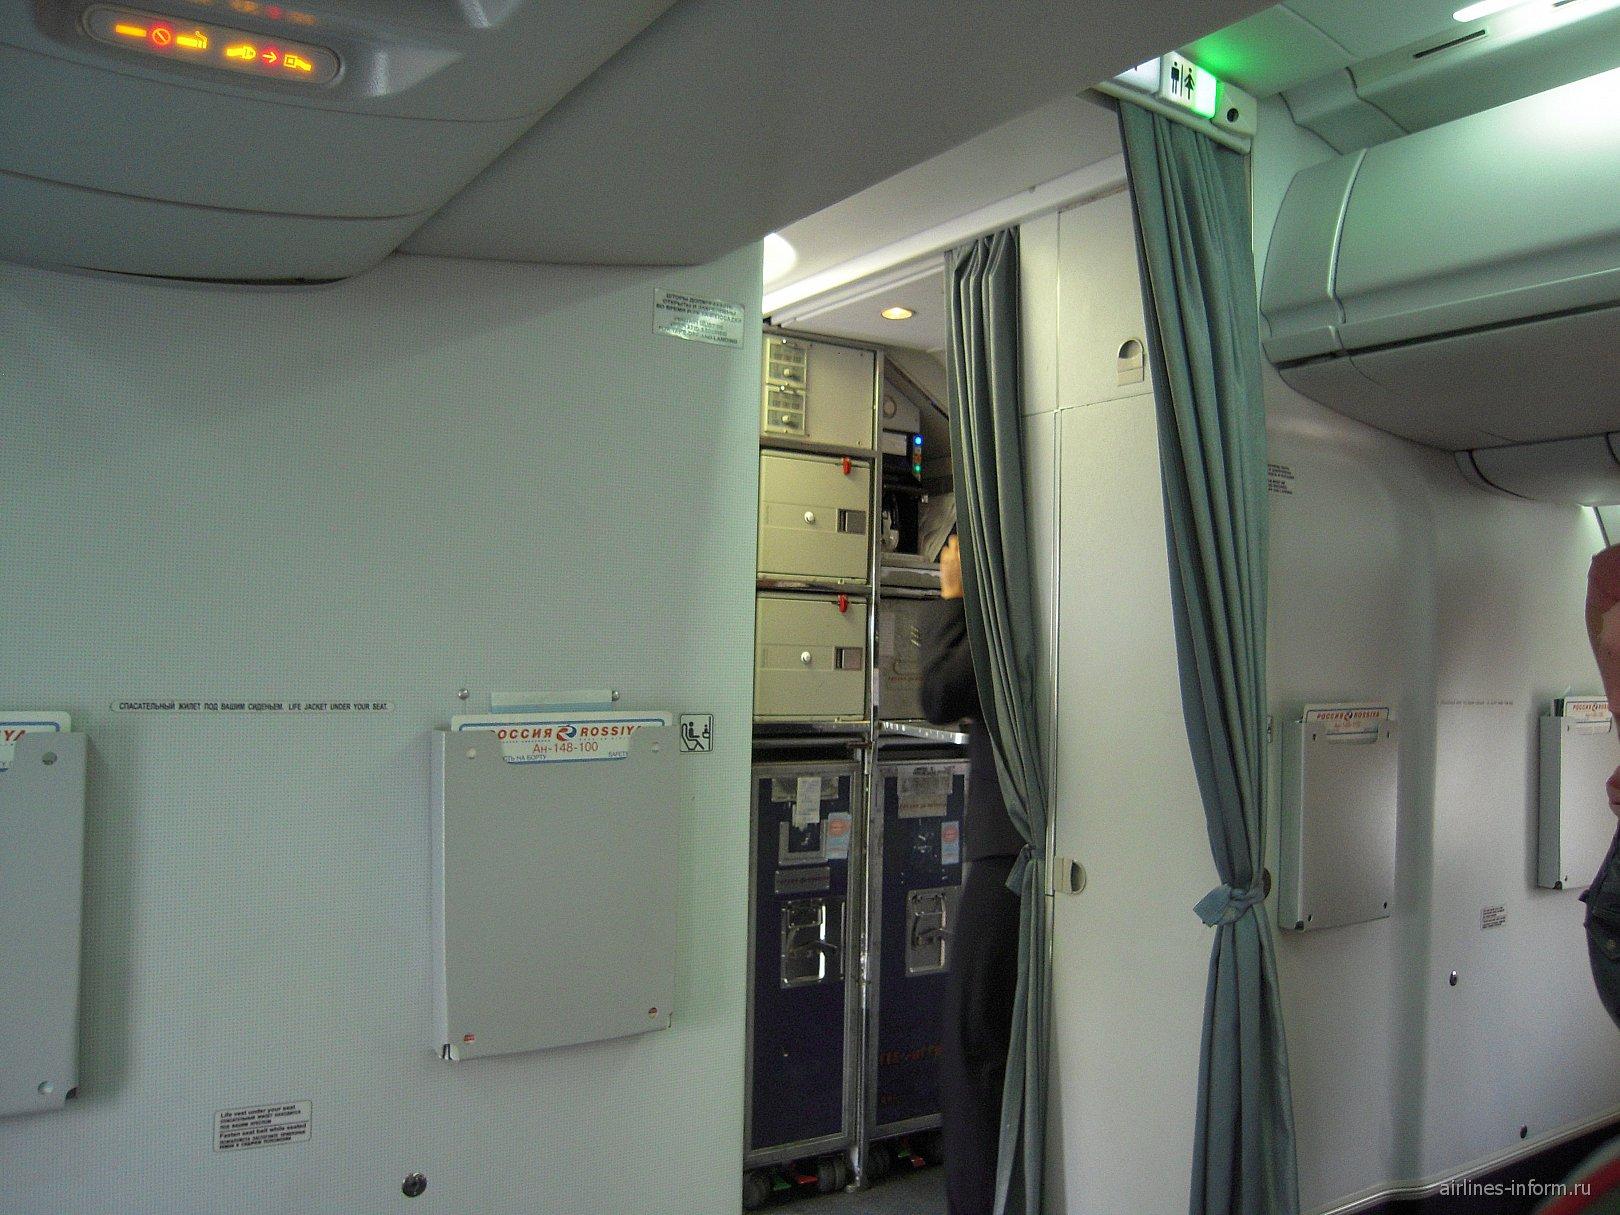 Салон самолета Ан-148 авиакомпании Россия